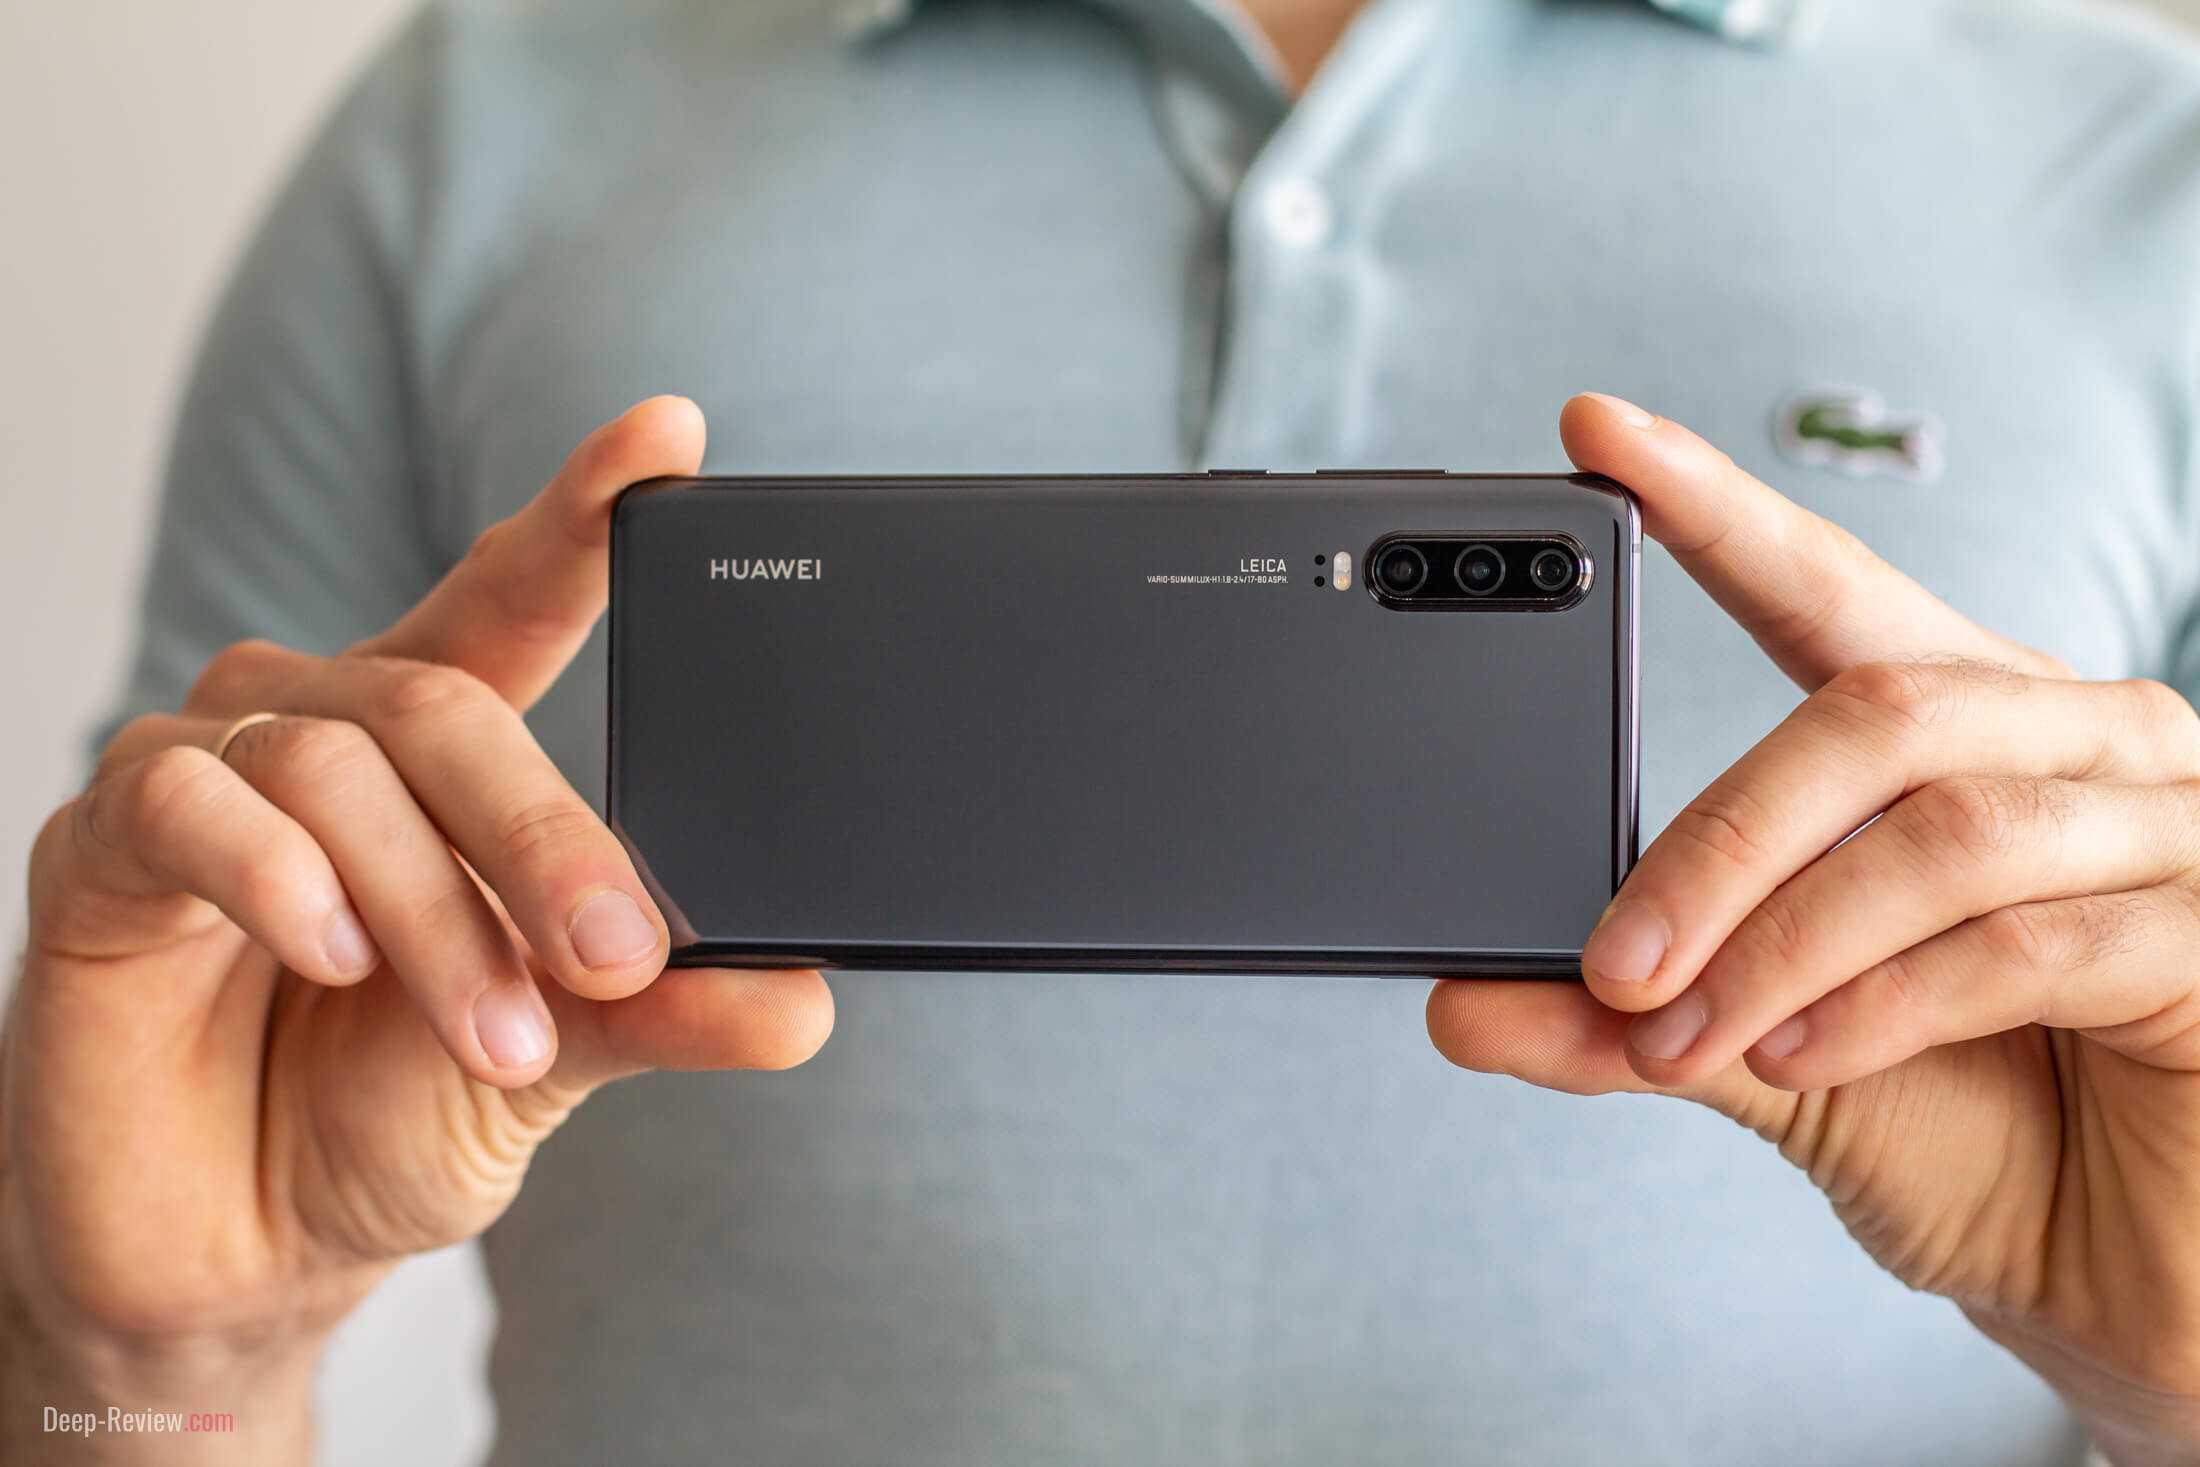 Суббренд компании Huawei уже давно доказал что занимается производством не только бюджетных моделей смартфонов Теперь в Интернете раскрыли определенные подробности о